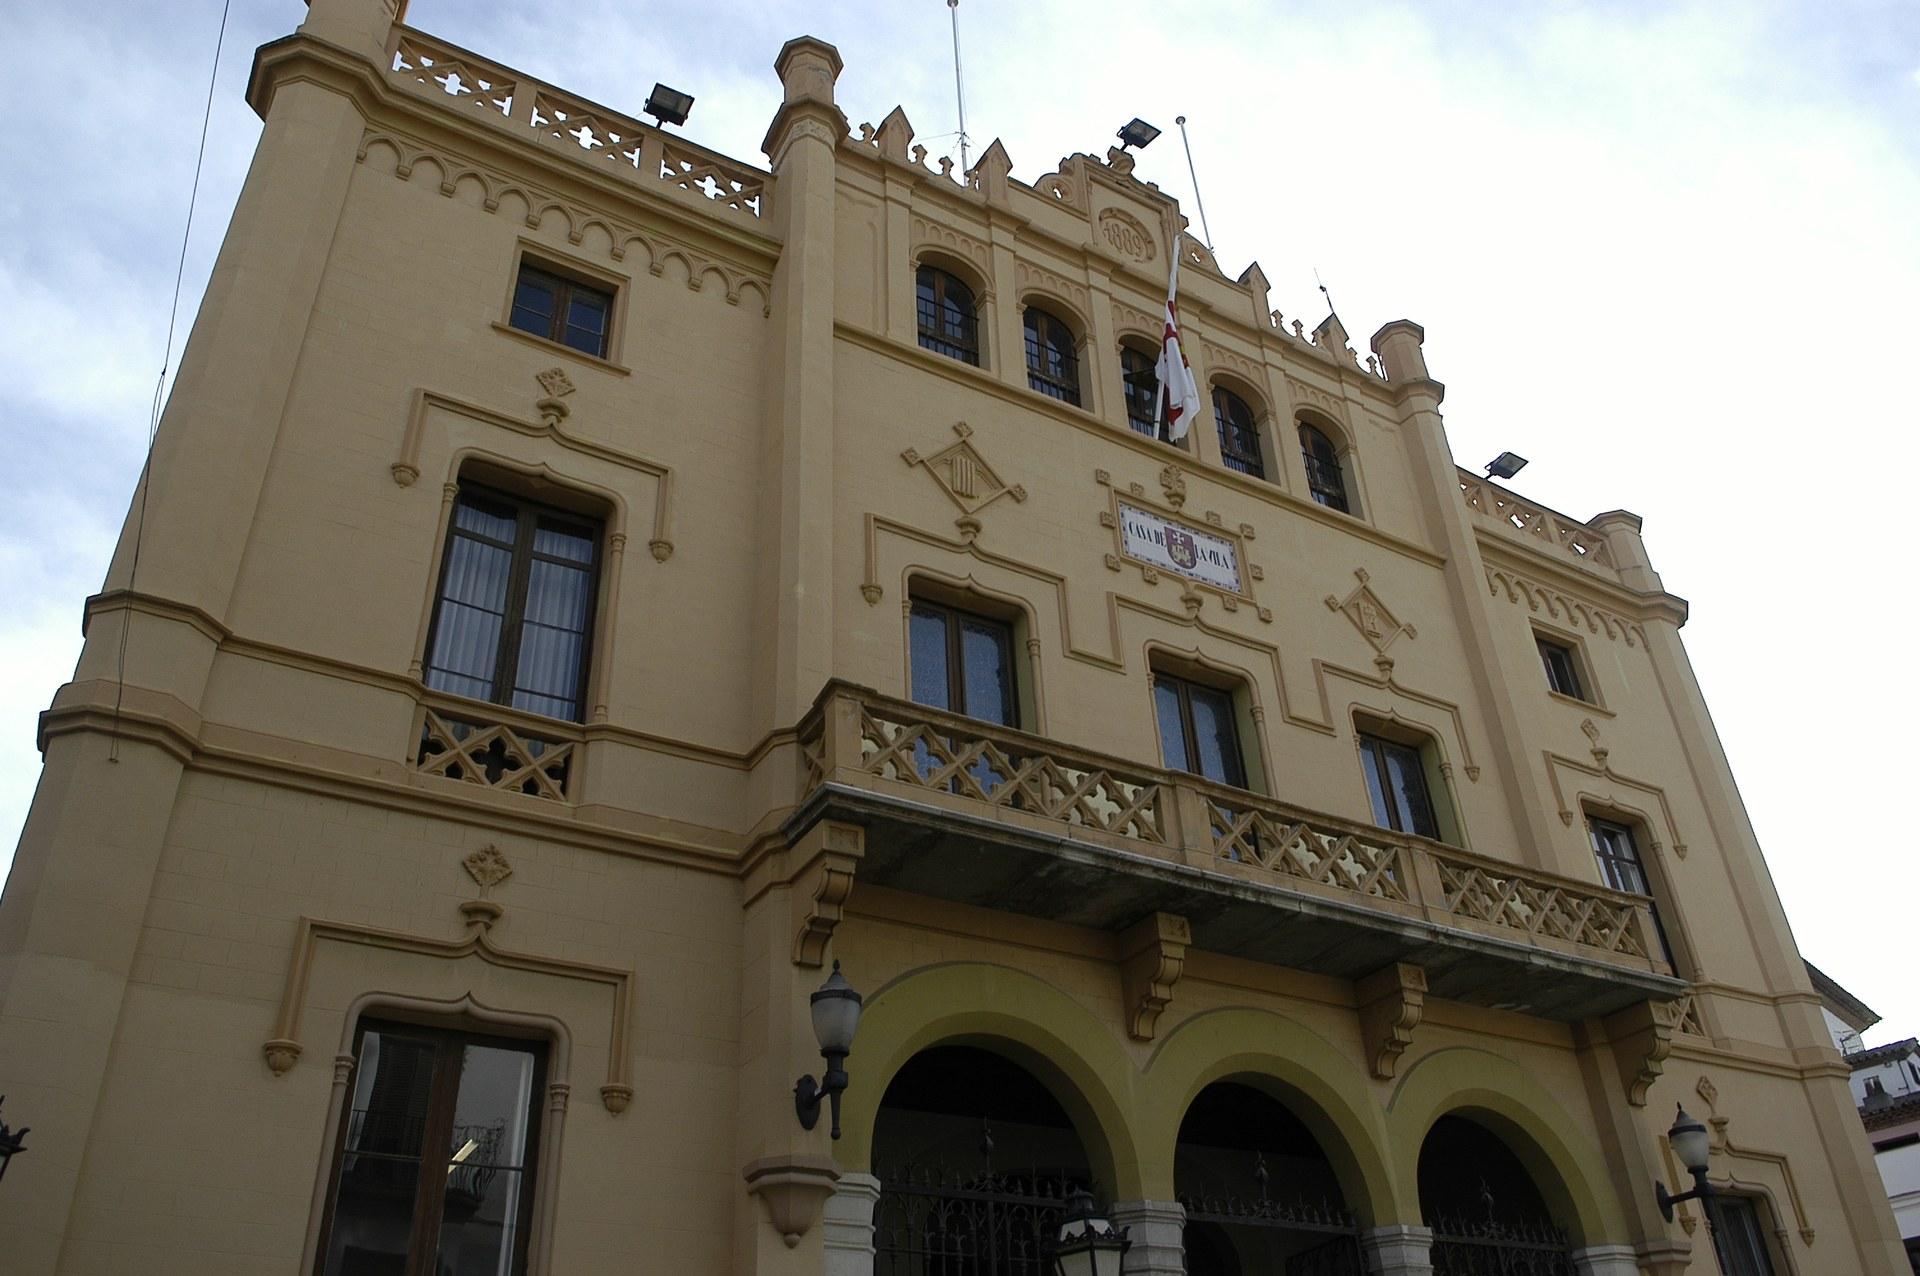 L'Ajuntament amplia les mesures socials destinades a les persones més afectades  pel coronavirus